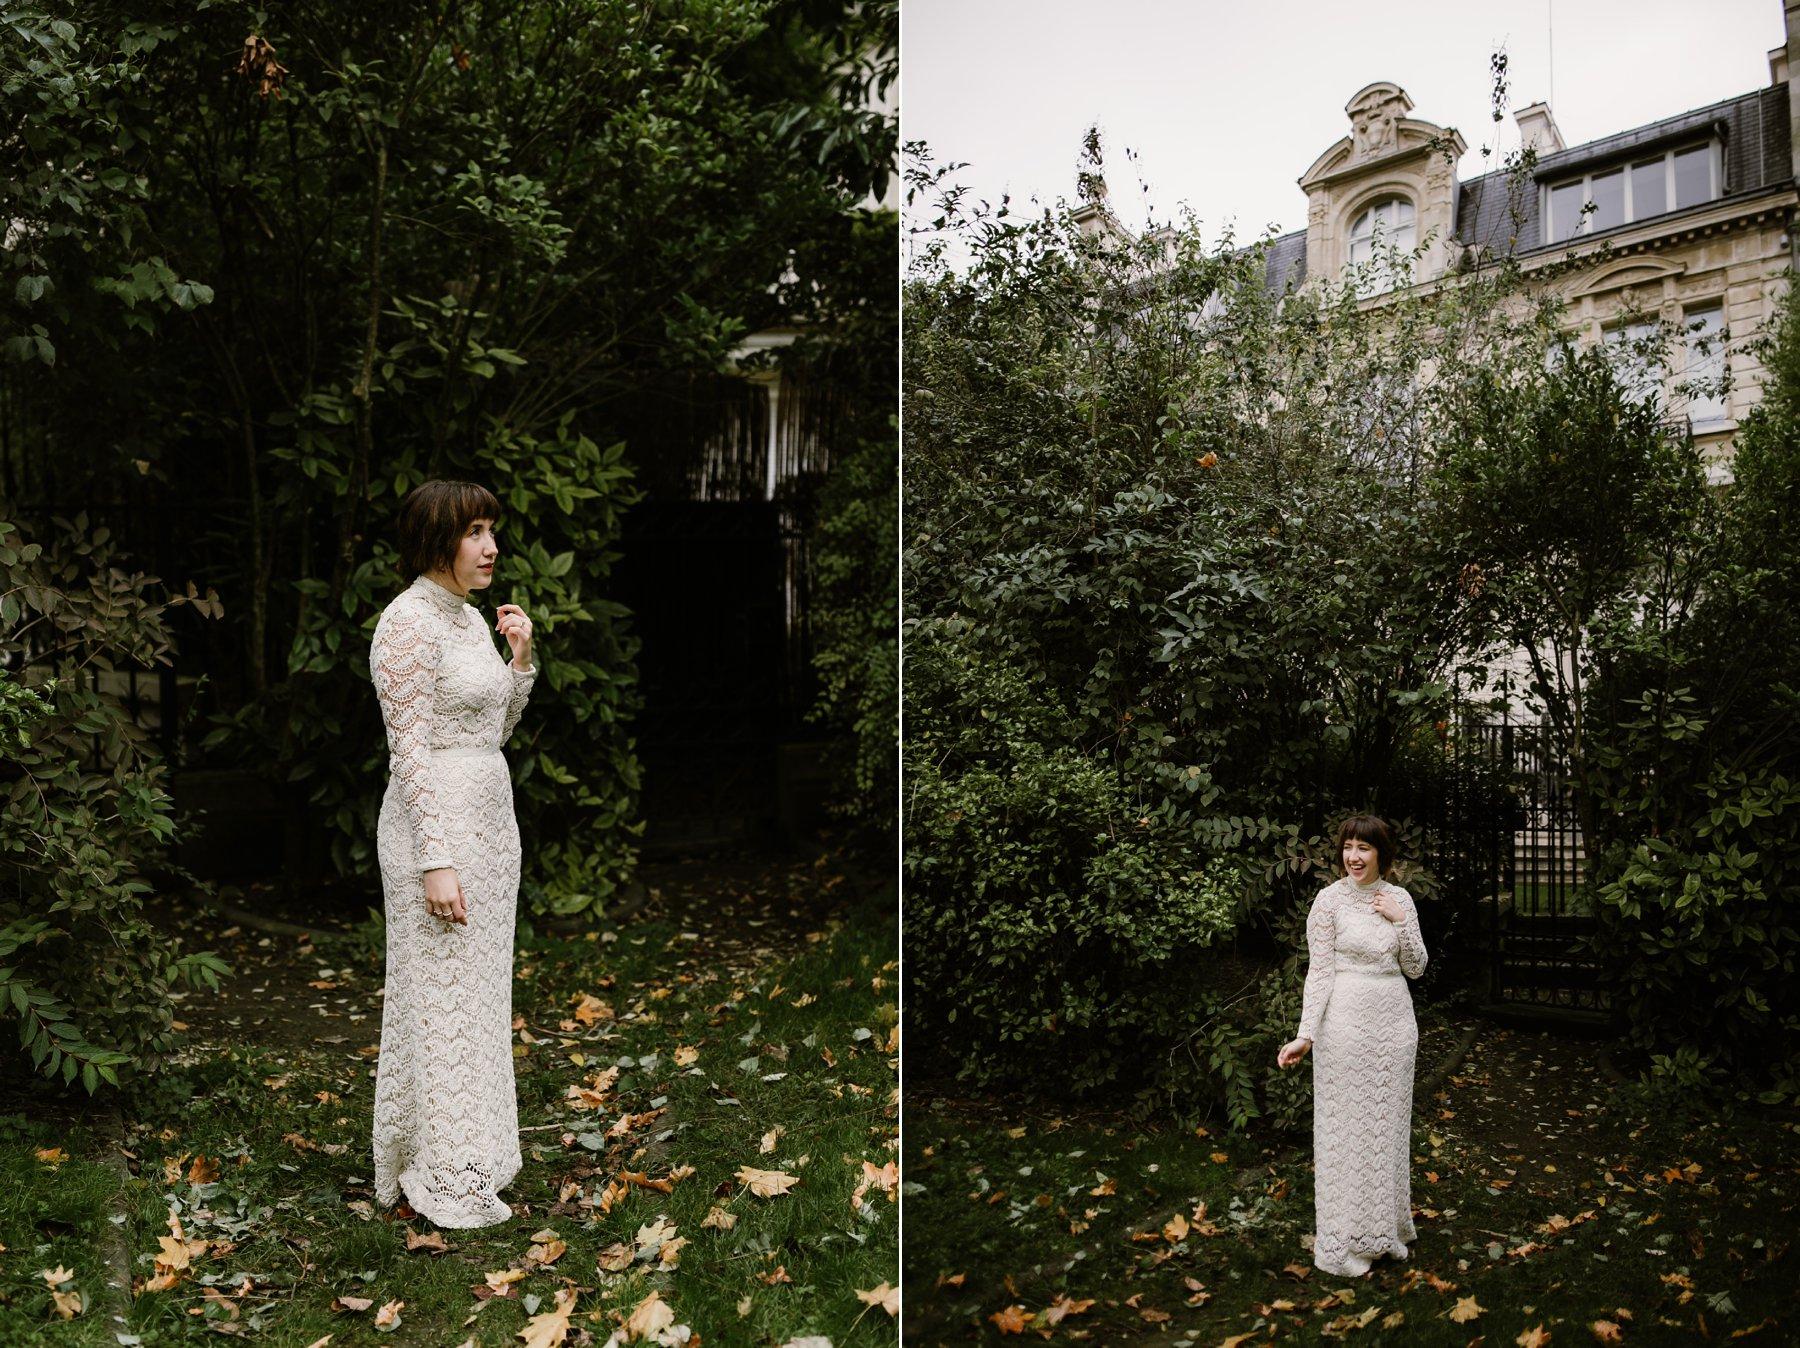 parc-monceau-paris-elopement_0119.jpg